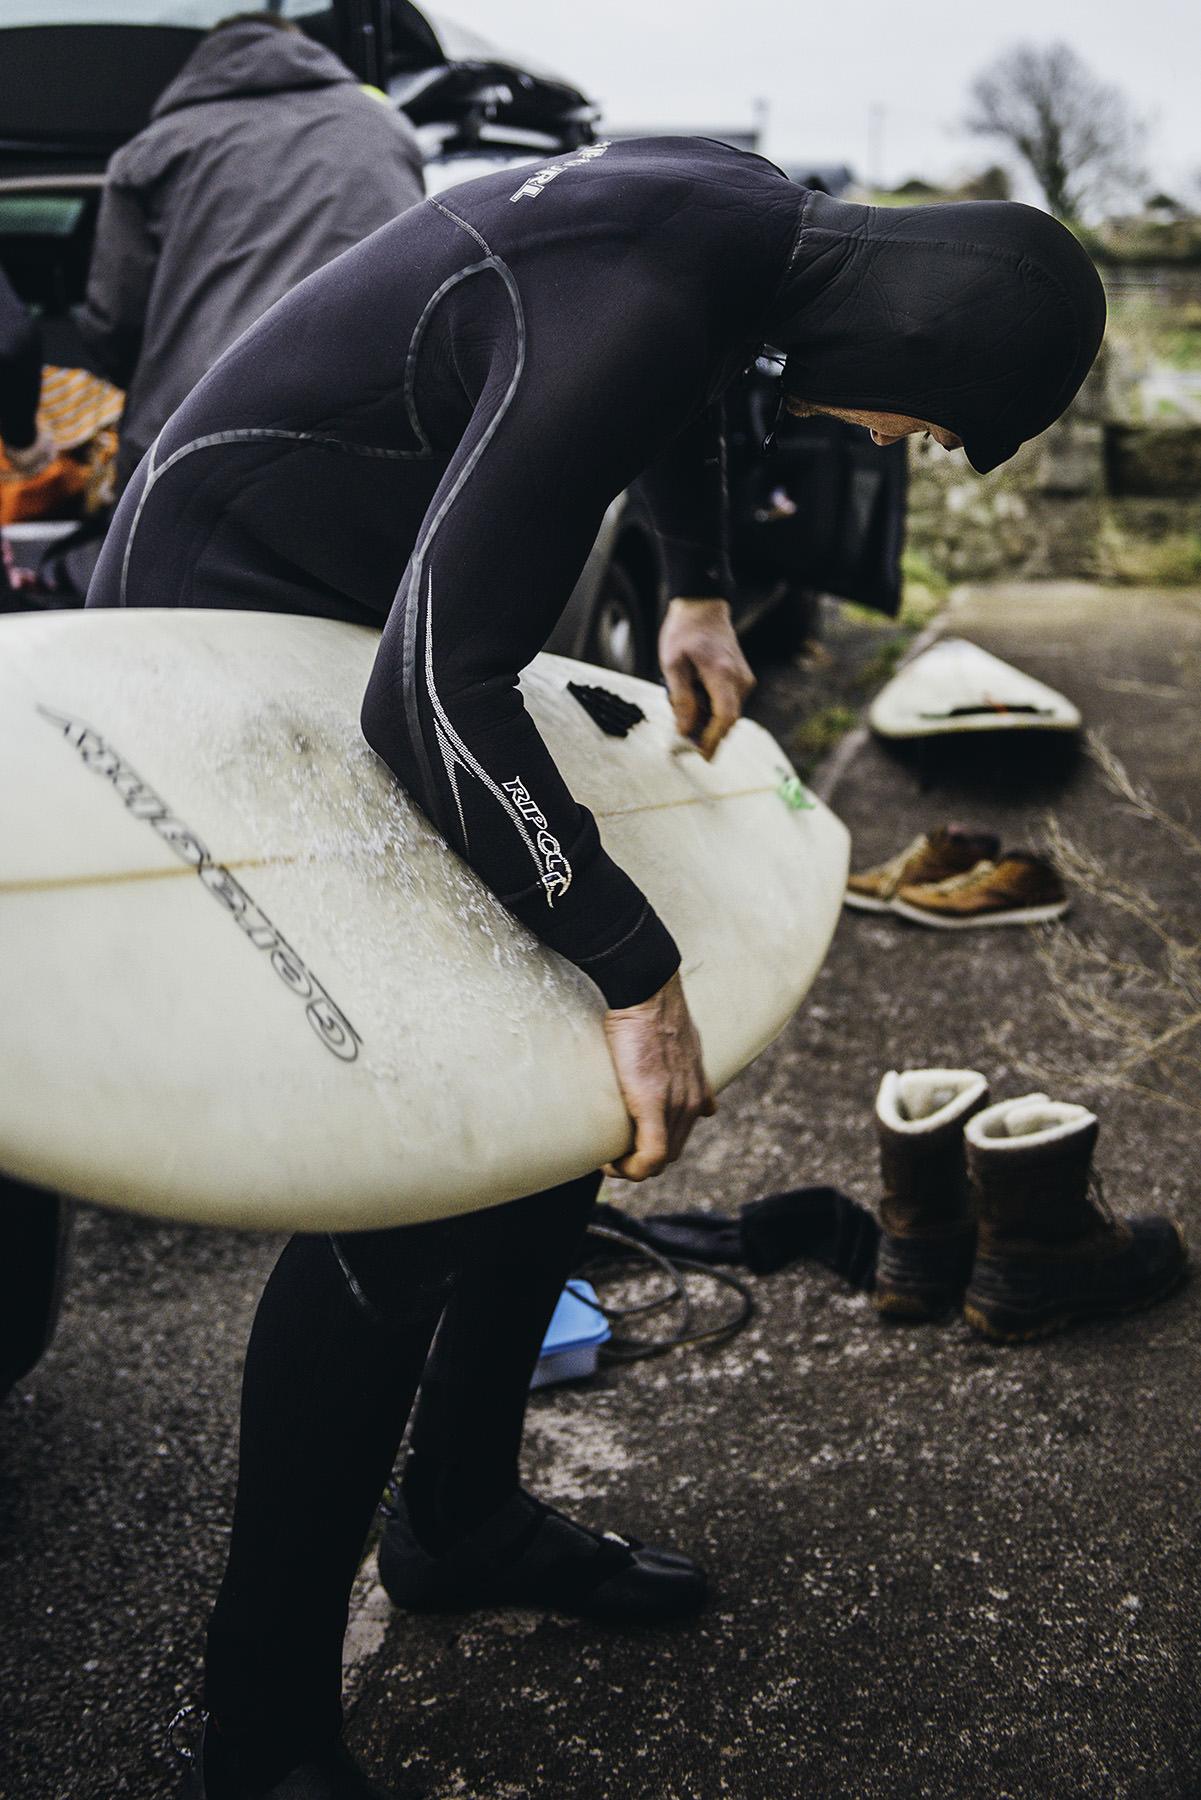 winter-surfing-ireland-sport-adventure-01.jpg